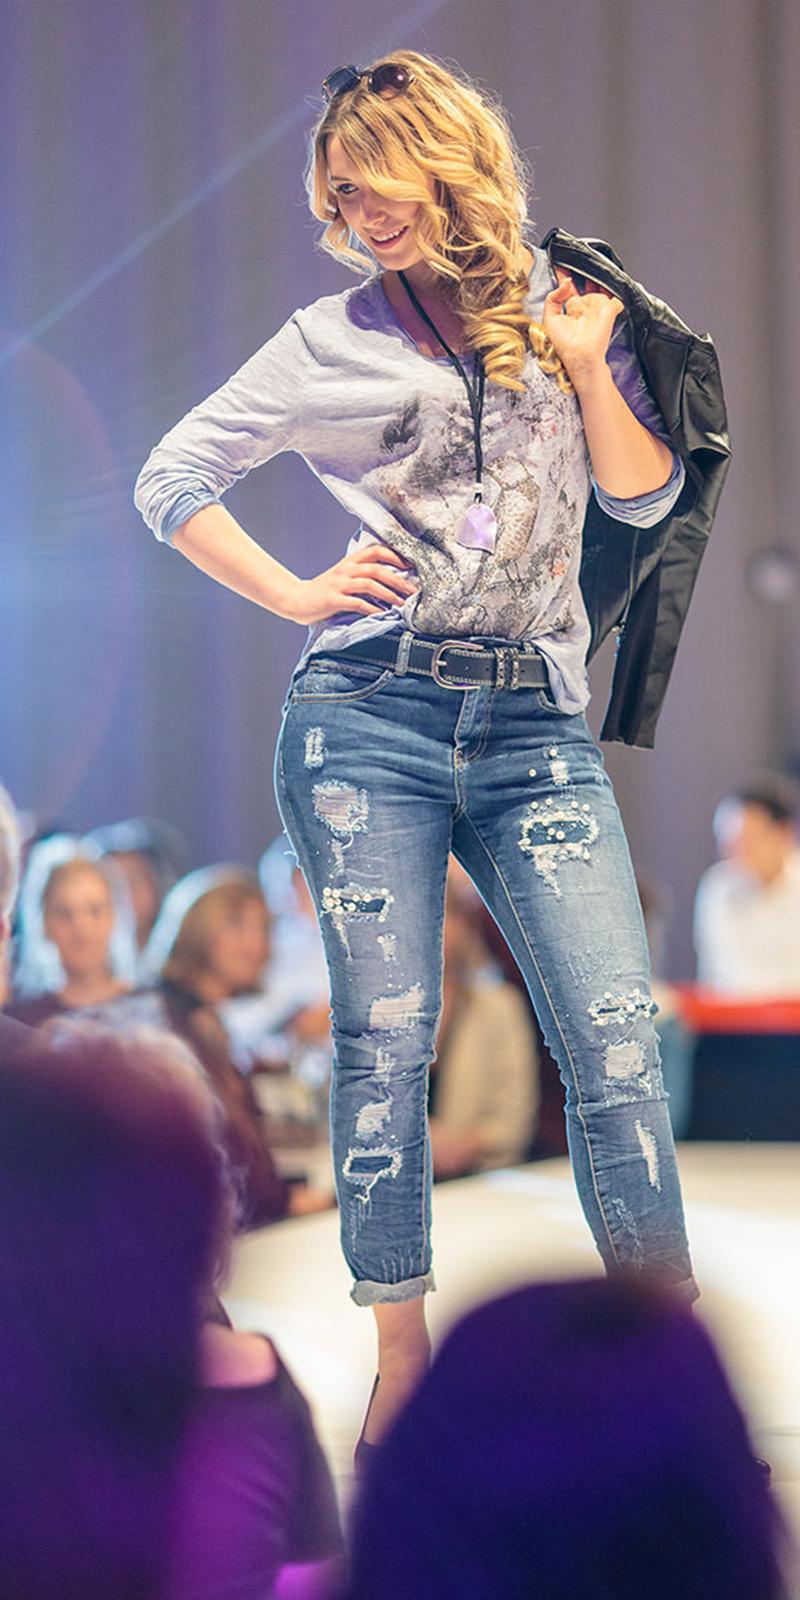 ladies-fashion-night-17-16x8-6